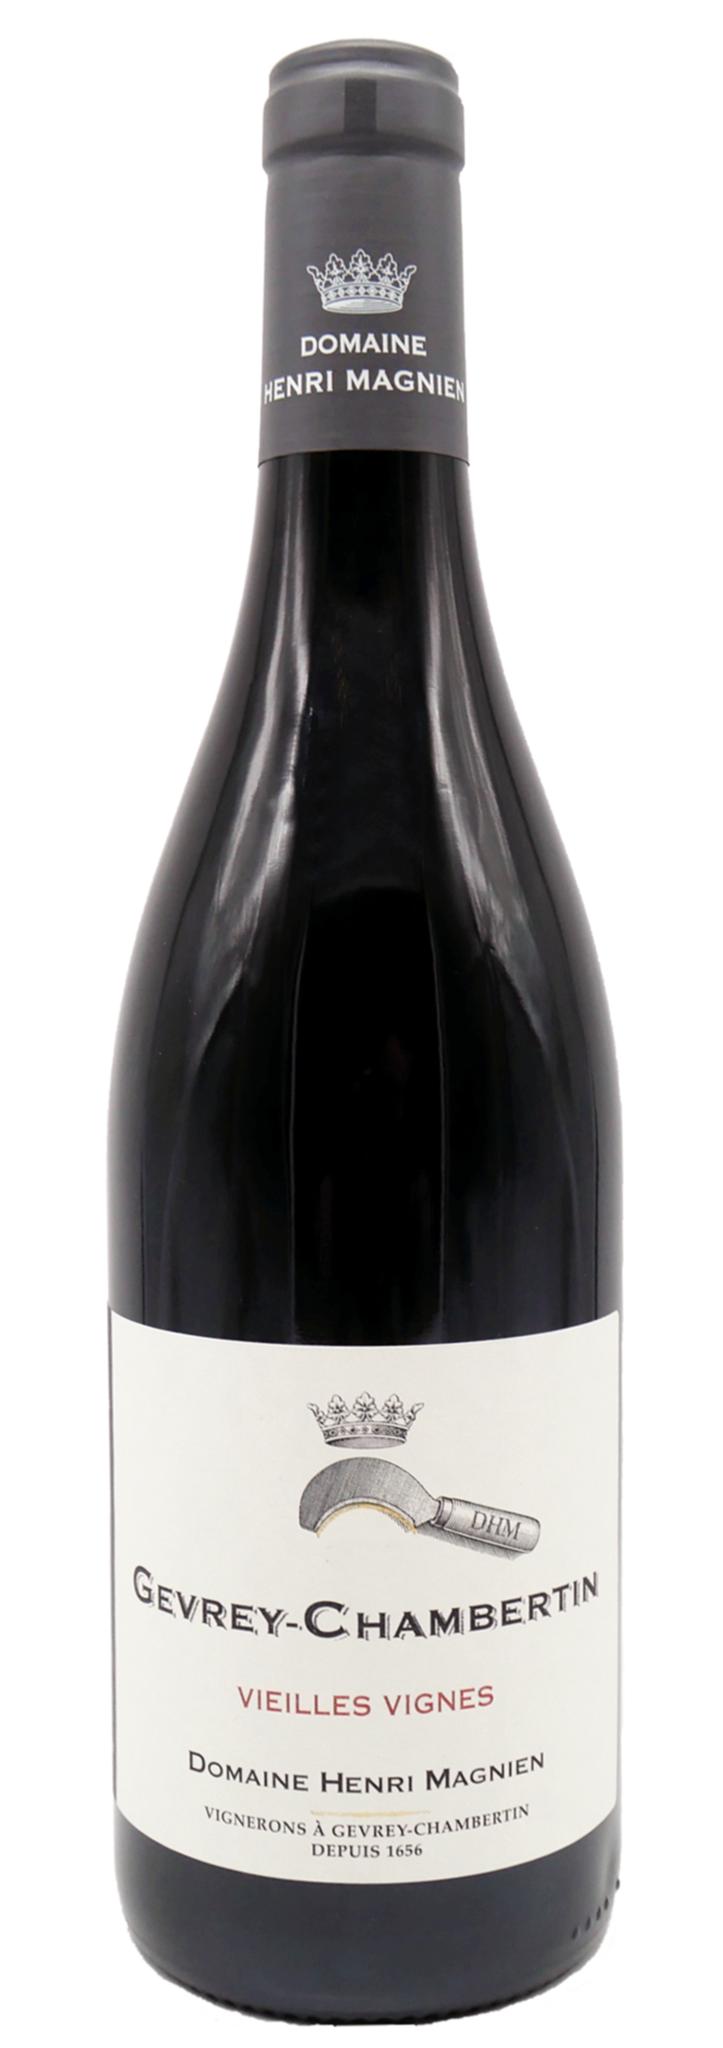 Magnien, Henri - Burgund 2019 Gevrey-Chambertin Vieilles Vignes, Domaine Henri Magnien